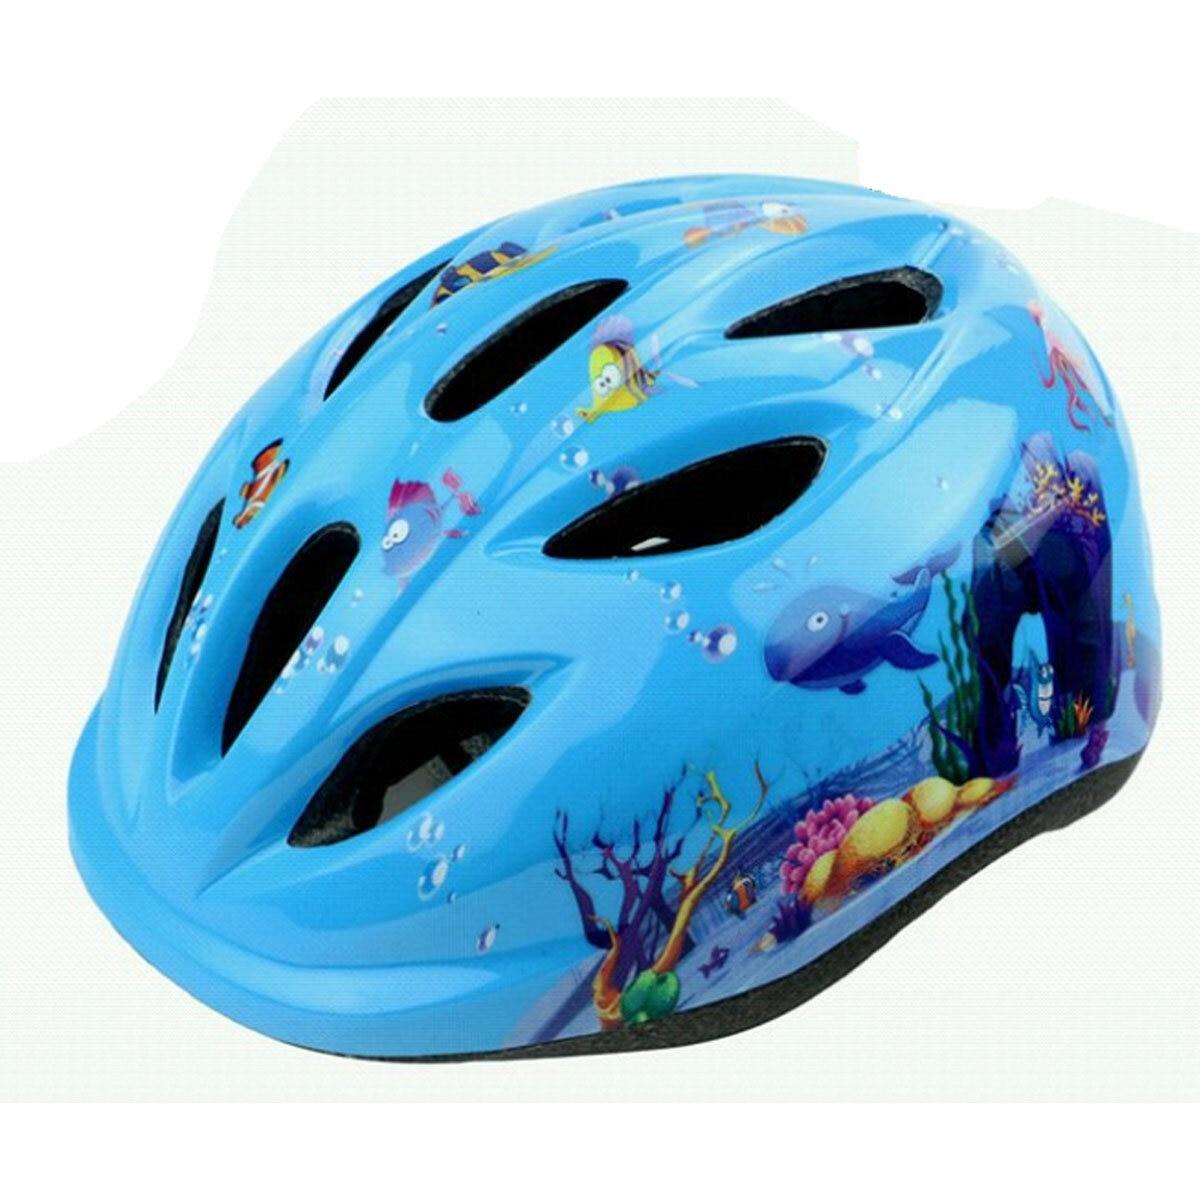 Kids Safety Children Helmet For Bike Scooter Bicycle Skate Board Adjustable